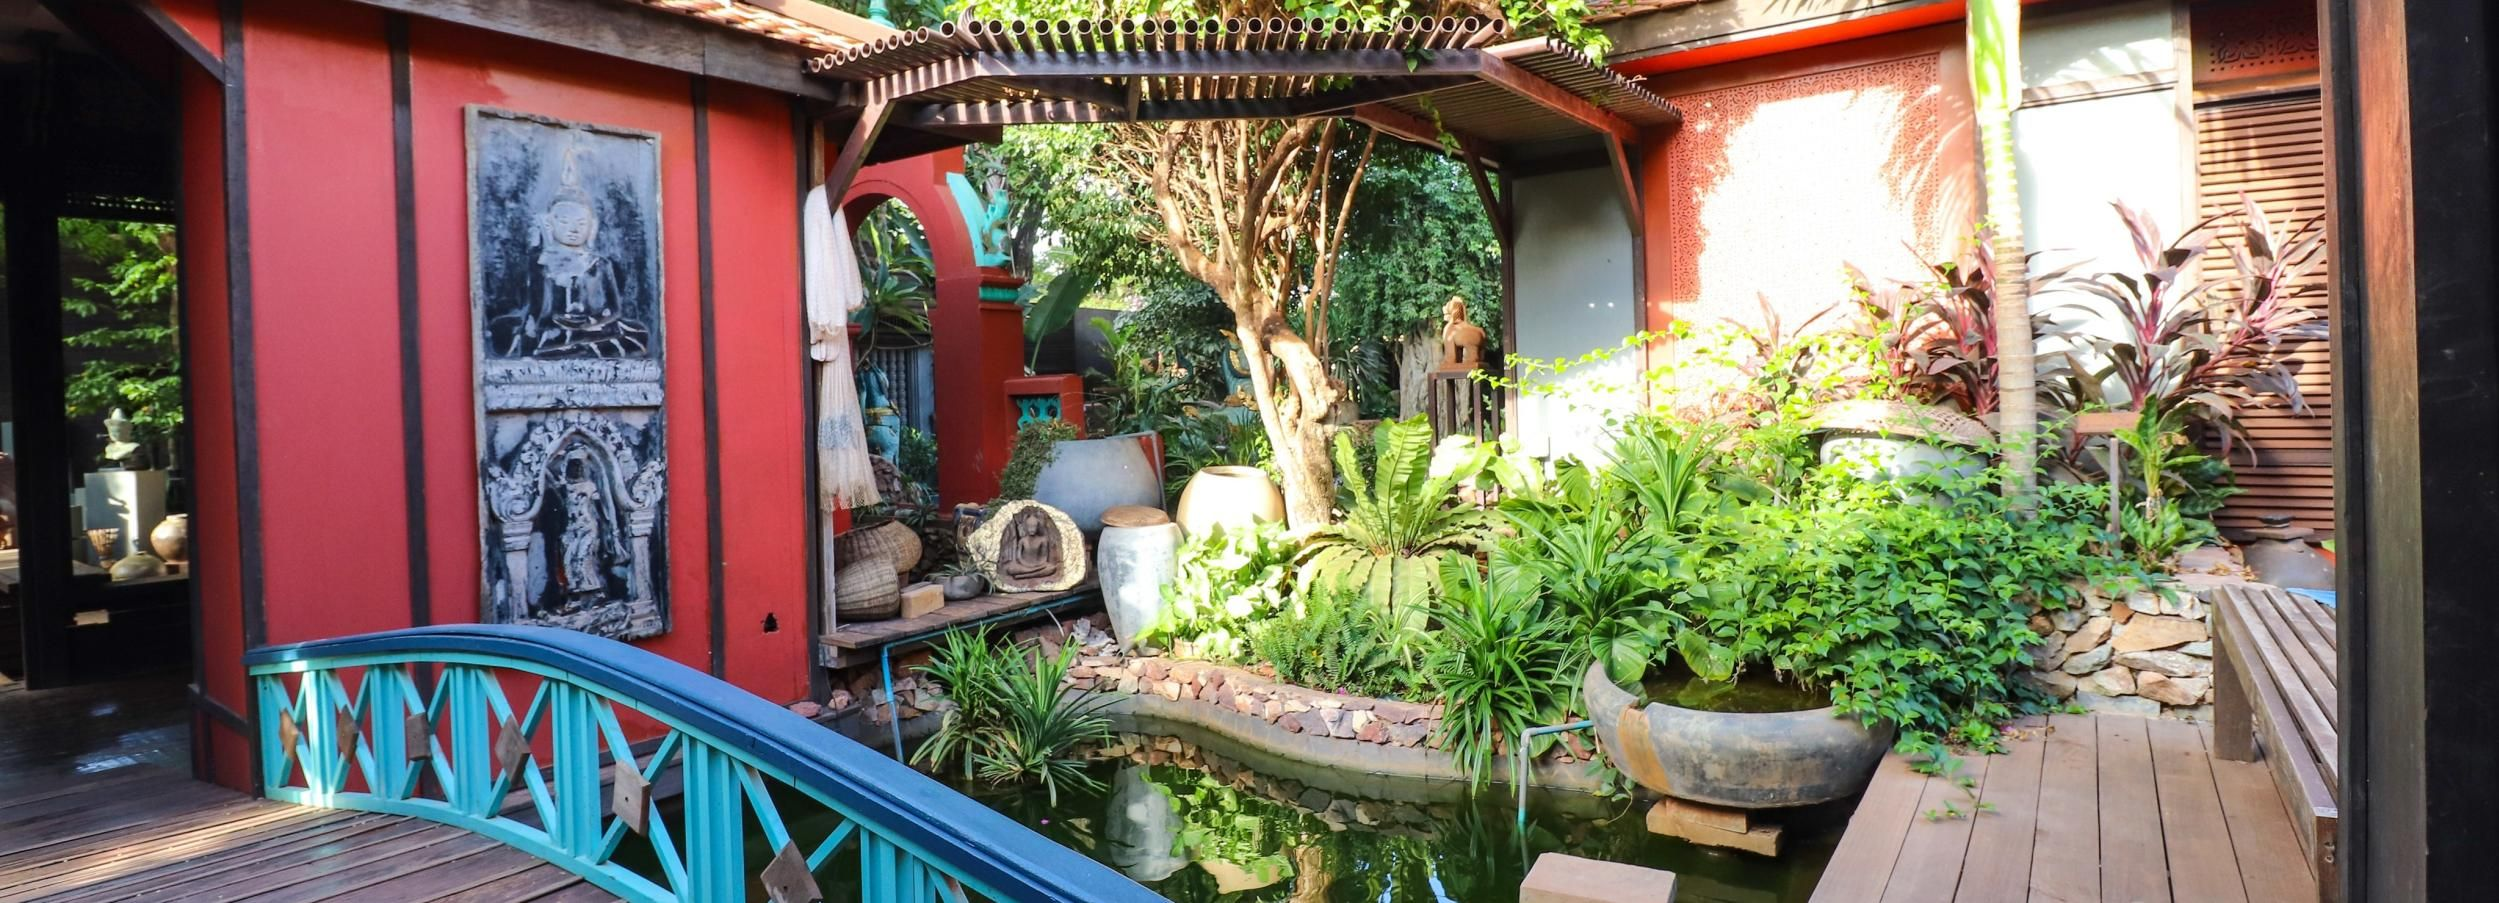 Siem Reap: 3-Hour Behind-the-Scenes Tuk-Tuk Tour